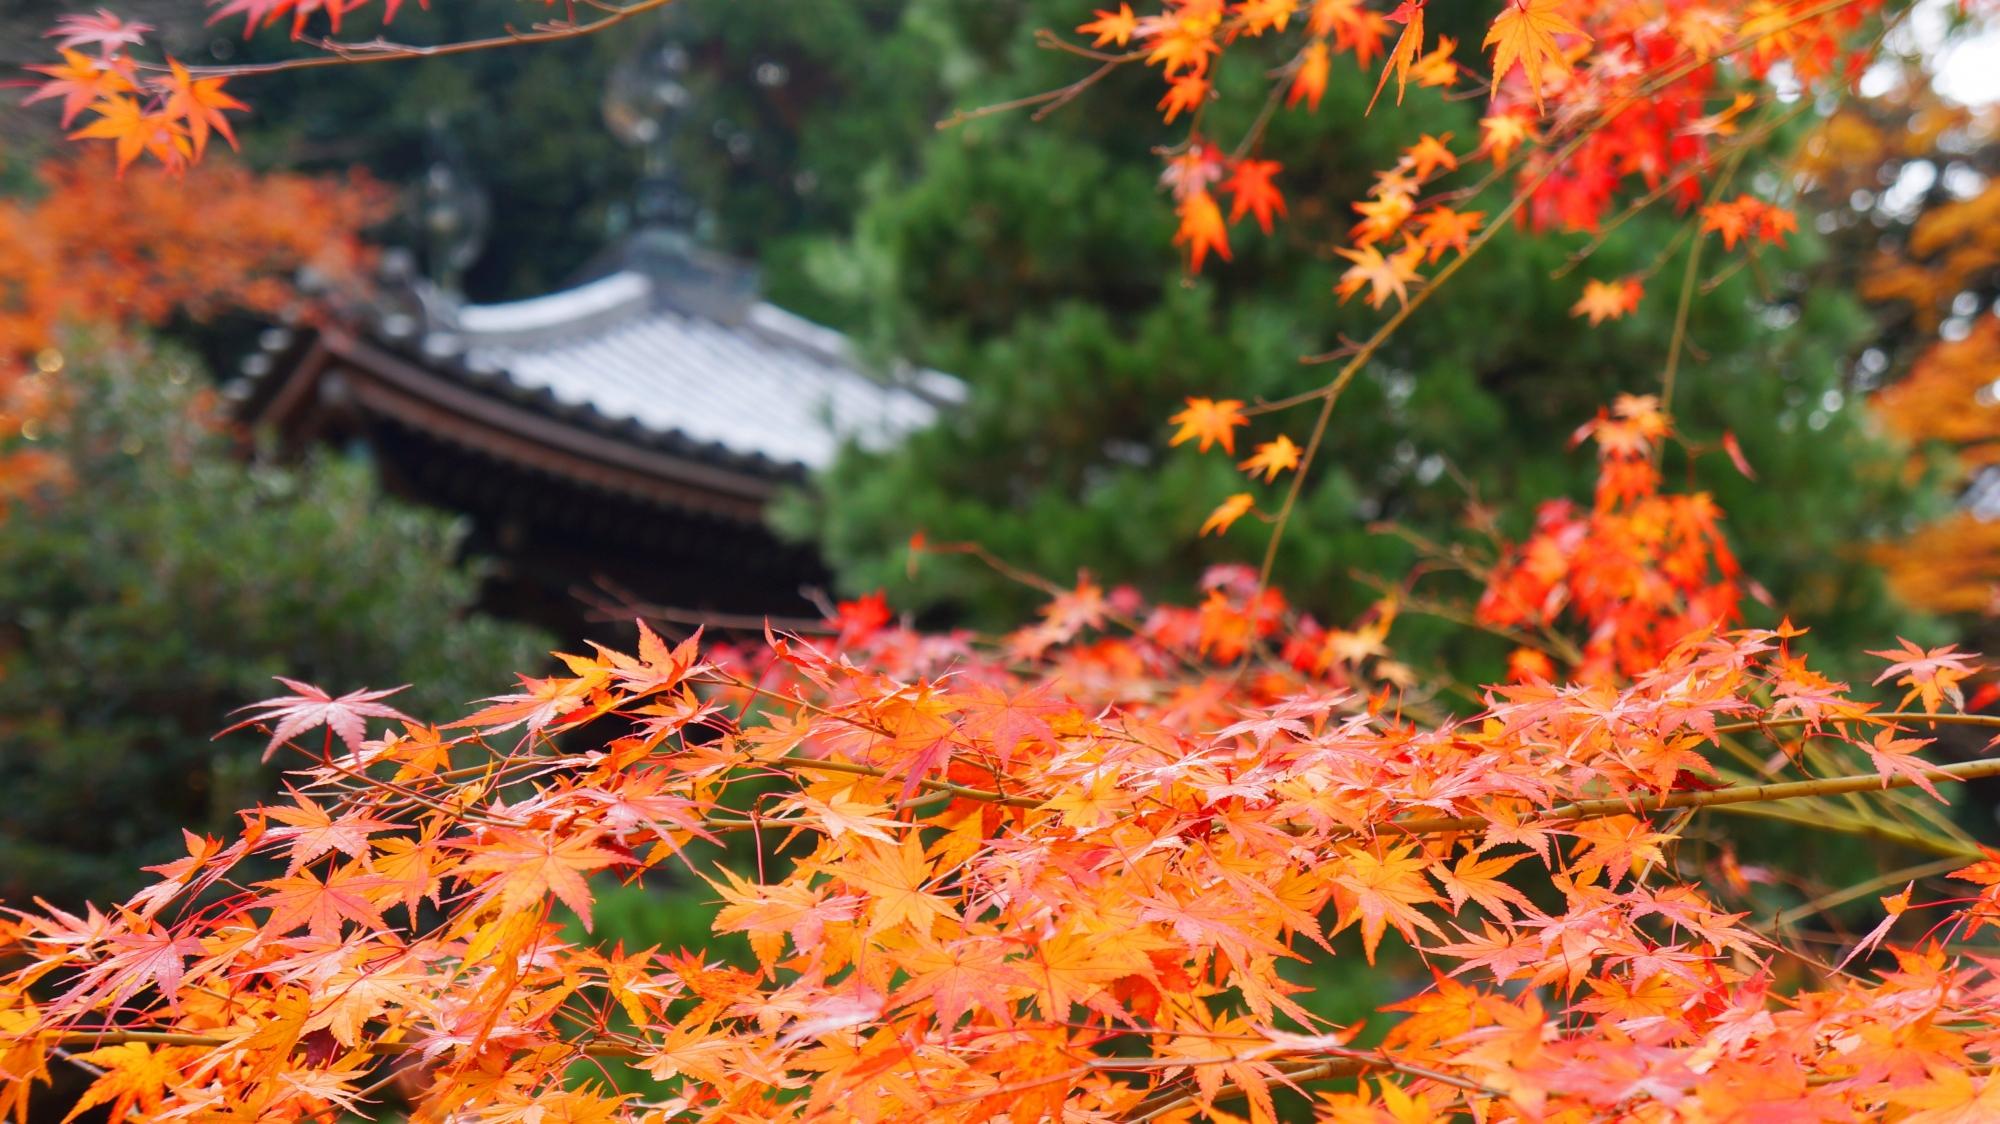 経蔵を彩る繊細で鮮やかな紅葉